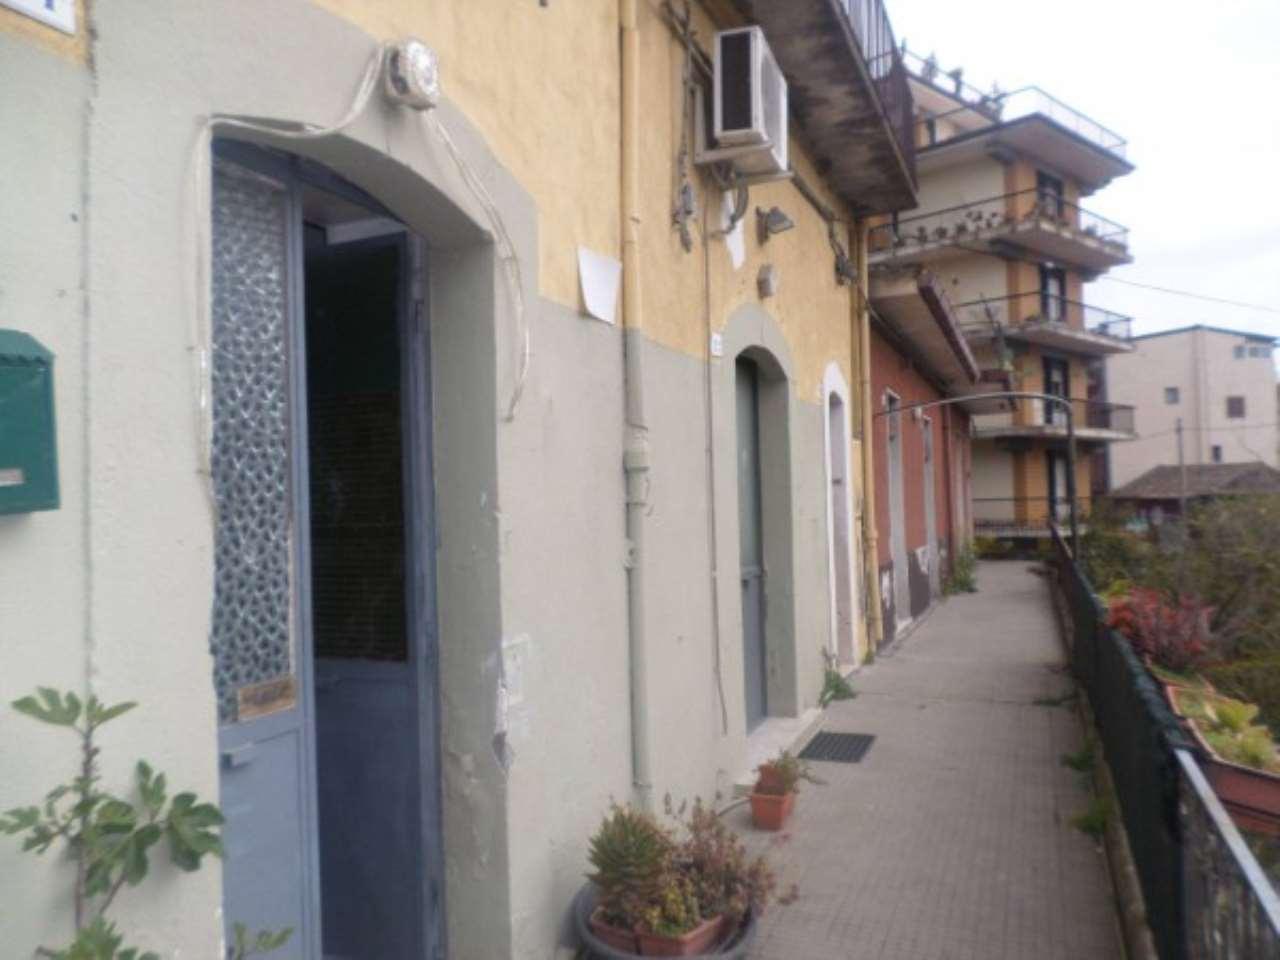 Appartamento in vendita a Belpasso, 6 locali, prezzo € 150.000 | CambioCasa.it